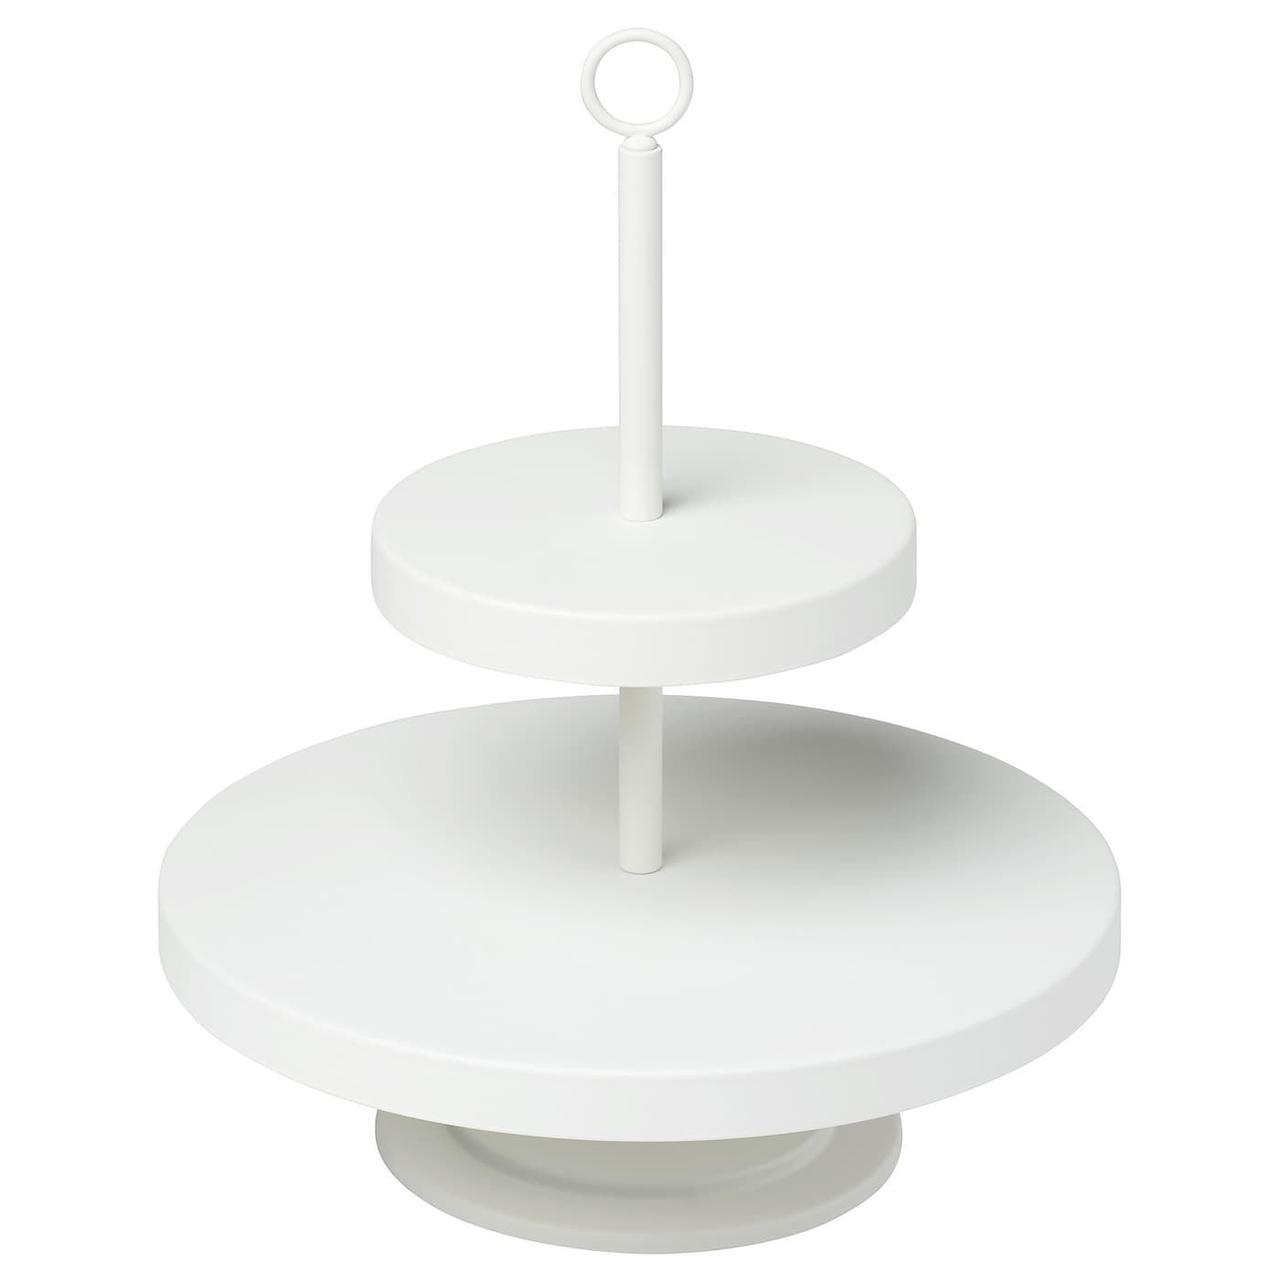 ВИНТЕРФЕСТ Сервировочная подставка, белая, 20432866, ИКЕА, IKEA, VINTERFEST